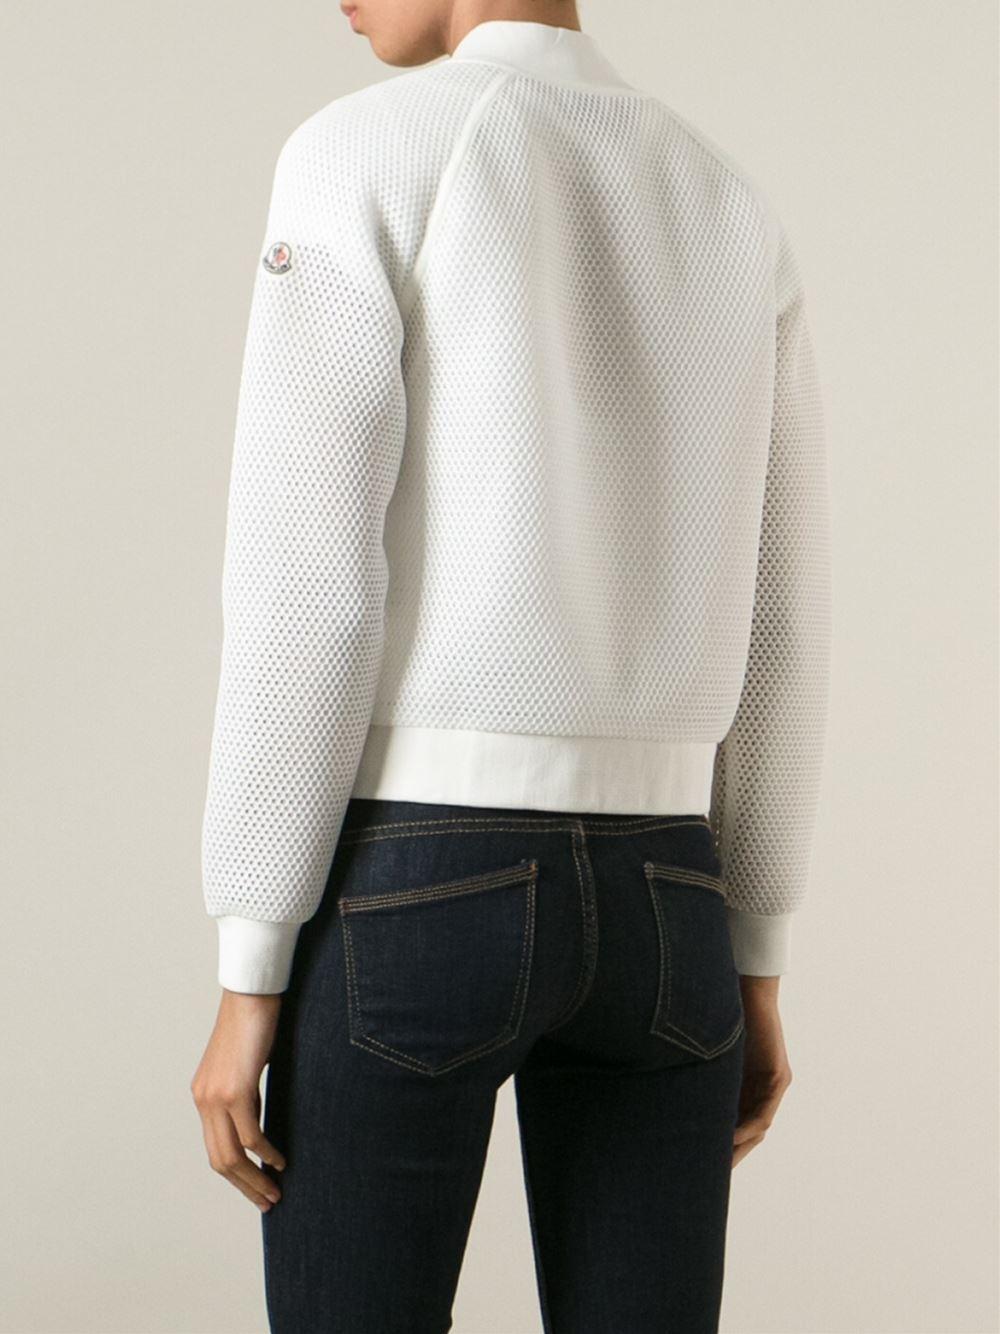 moncler white bomber jacket